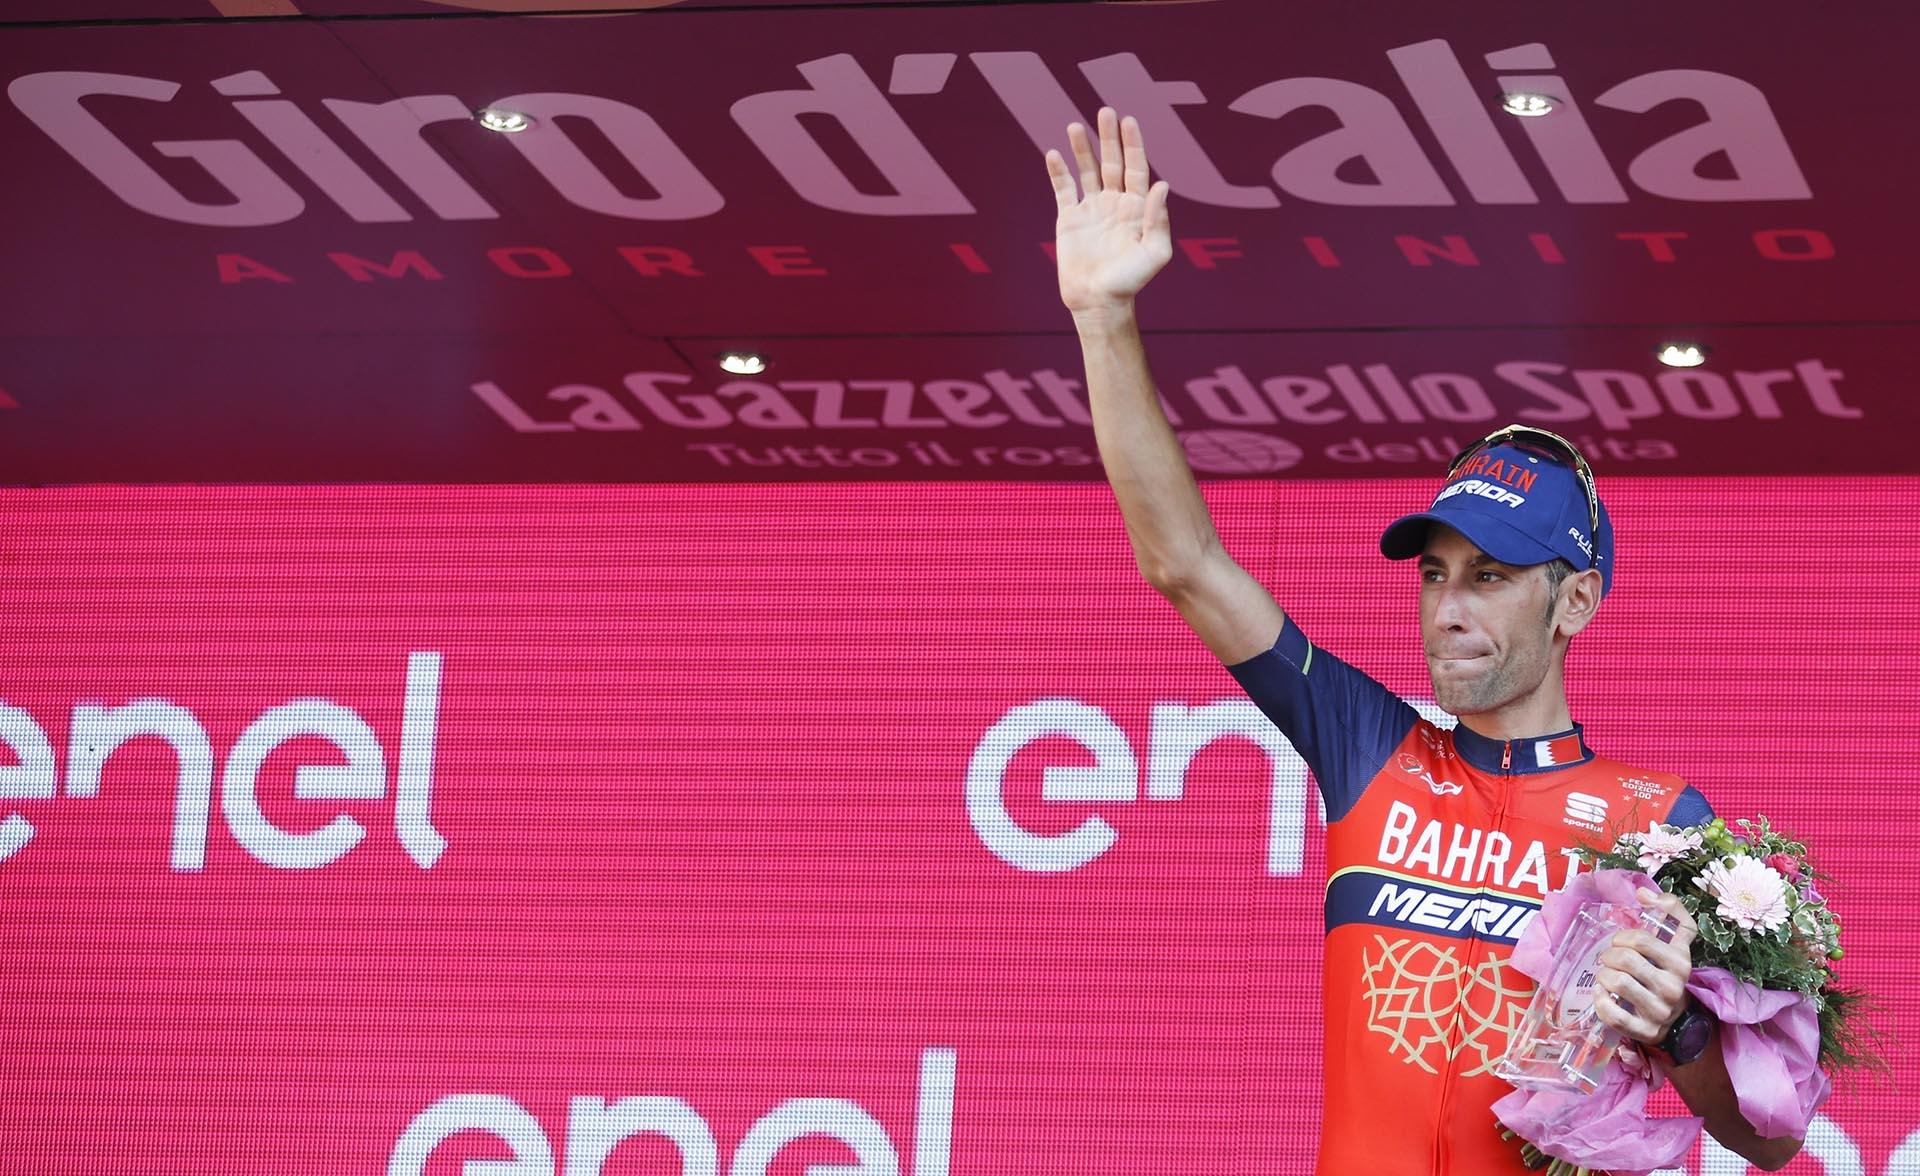 Vincenzo Nibaliganó el Giro de Italia en 2013 y 2016